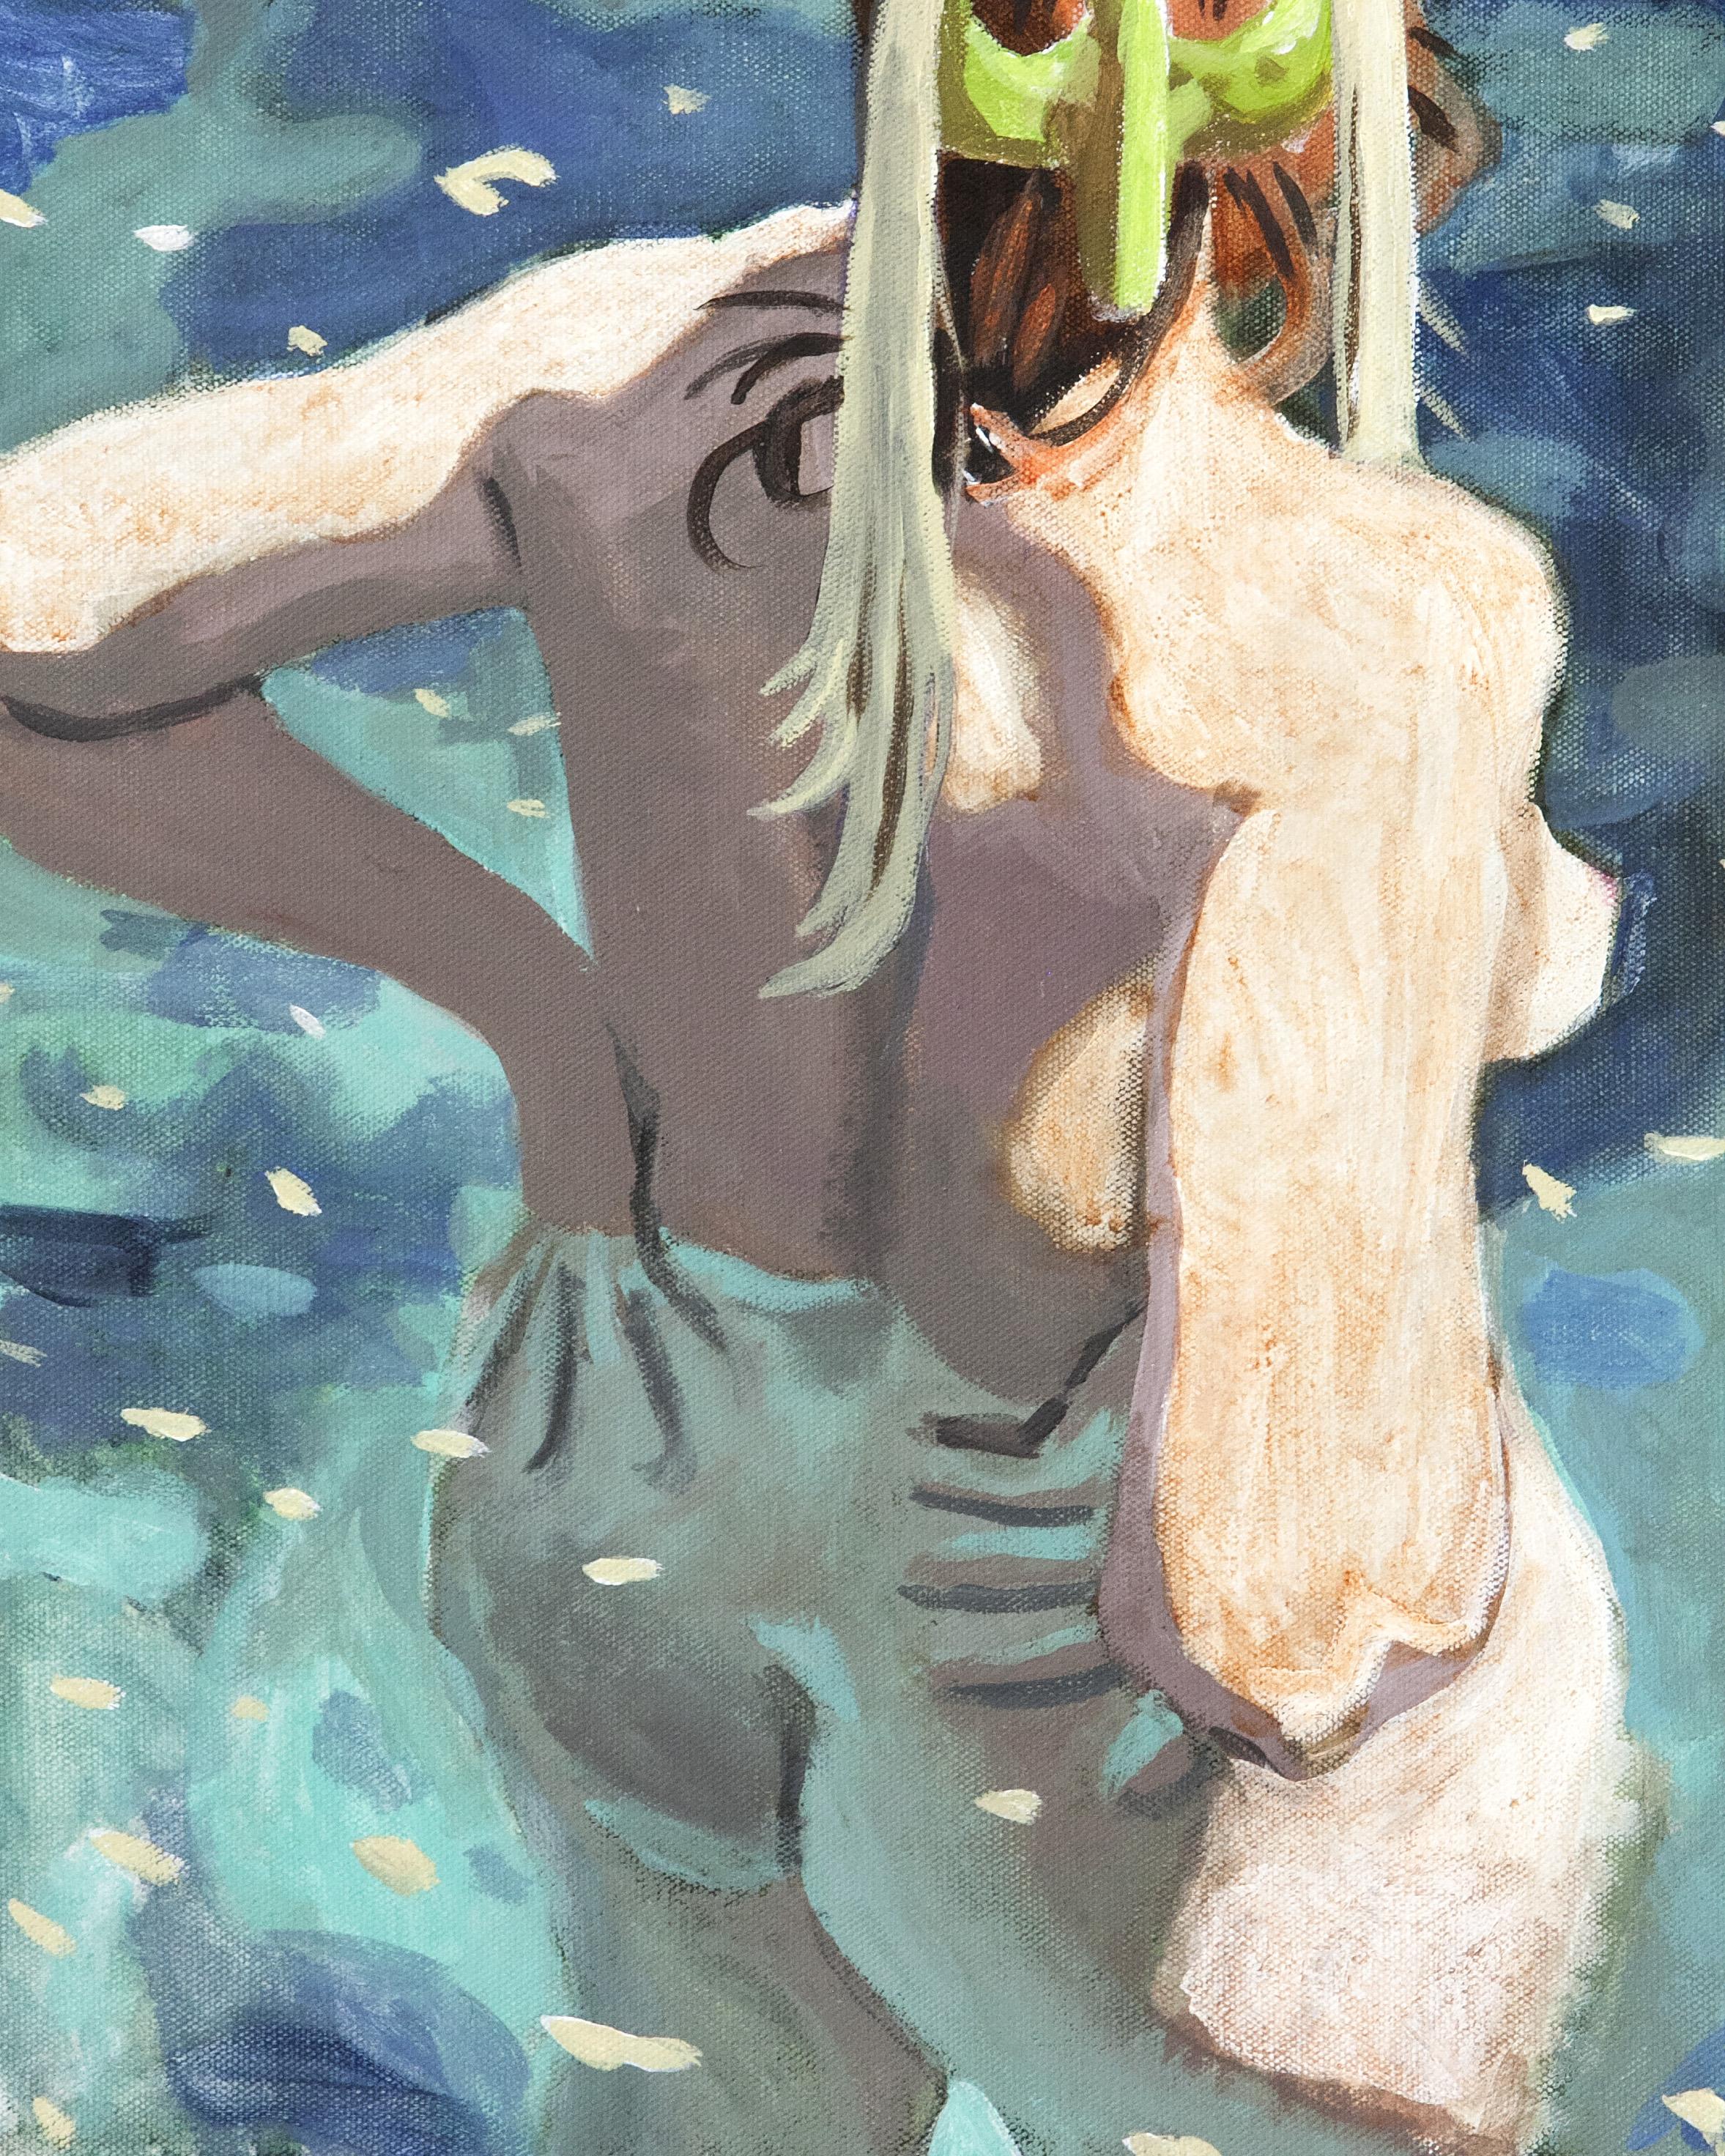 woodrowwhite_nudeswimmer_2.jpg